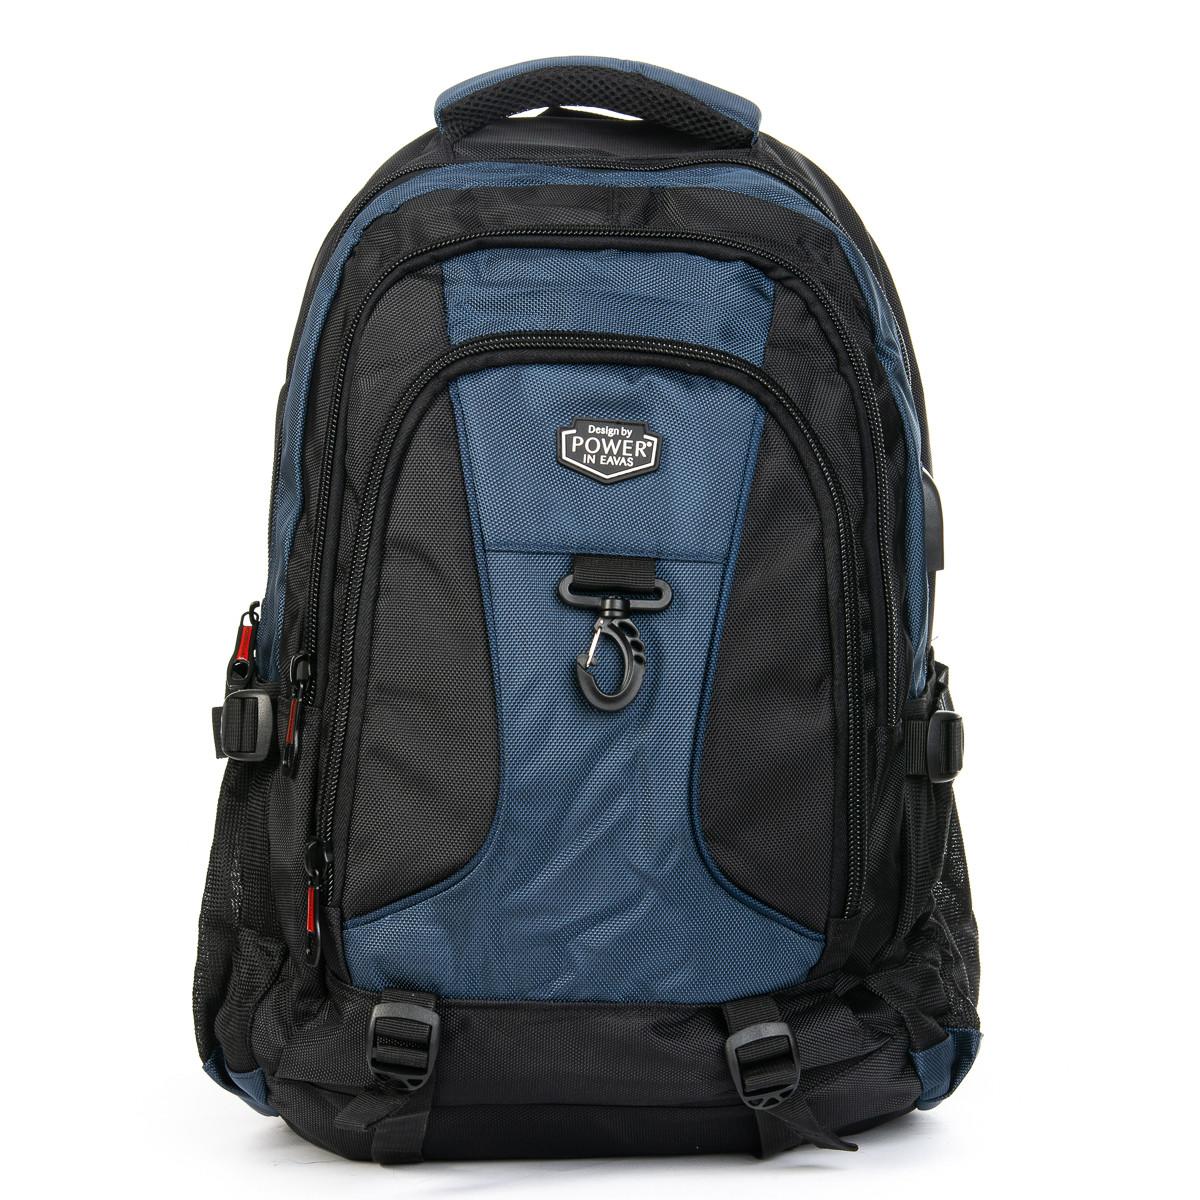 Рюкзак городской спортивный мужской большой 50*35 см Power In Eavas 8211 черный с синим